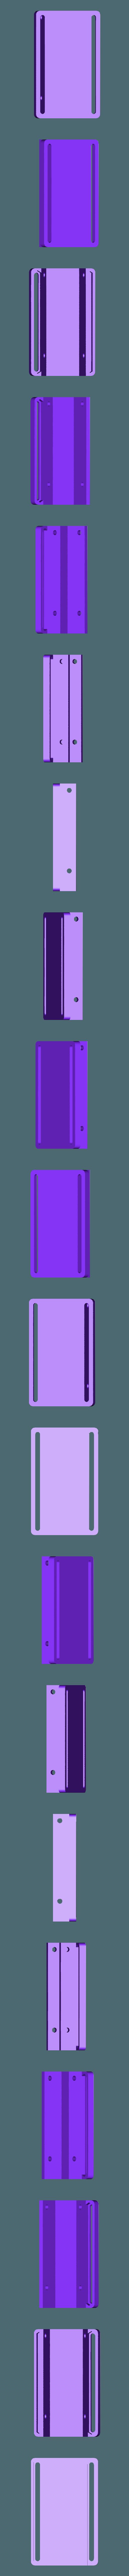 anet_a8_-_E3DV6_-_modular_-_adapter_plate.stl Télécharger fichier STL gratuit Anet a8 E3D V6 Adaptateur modulaire E3D V6 avec passage de câbles / gaine arrière amusante • Plan pour imprimante 3D, pparsniak